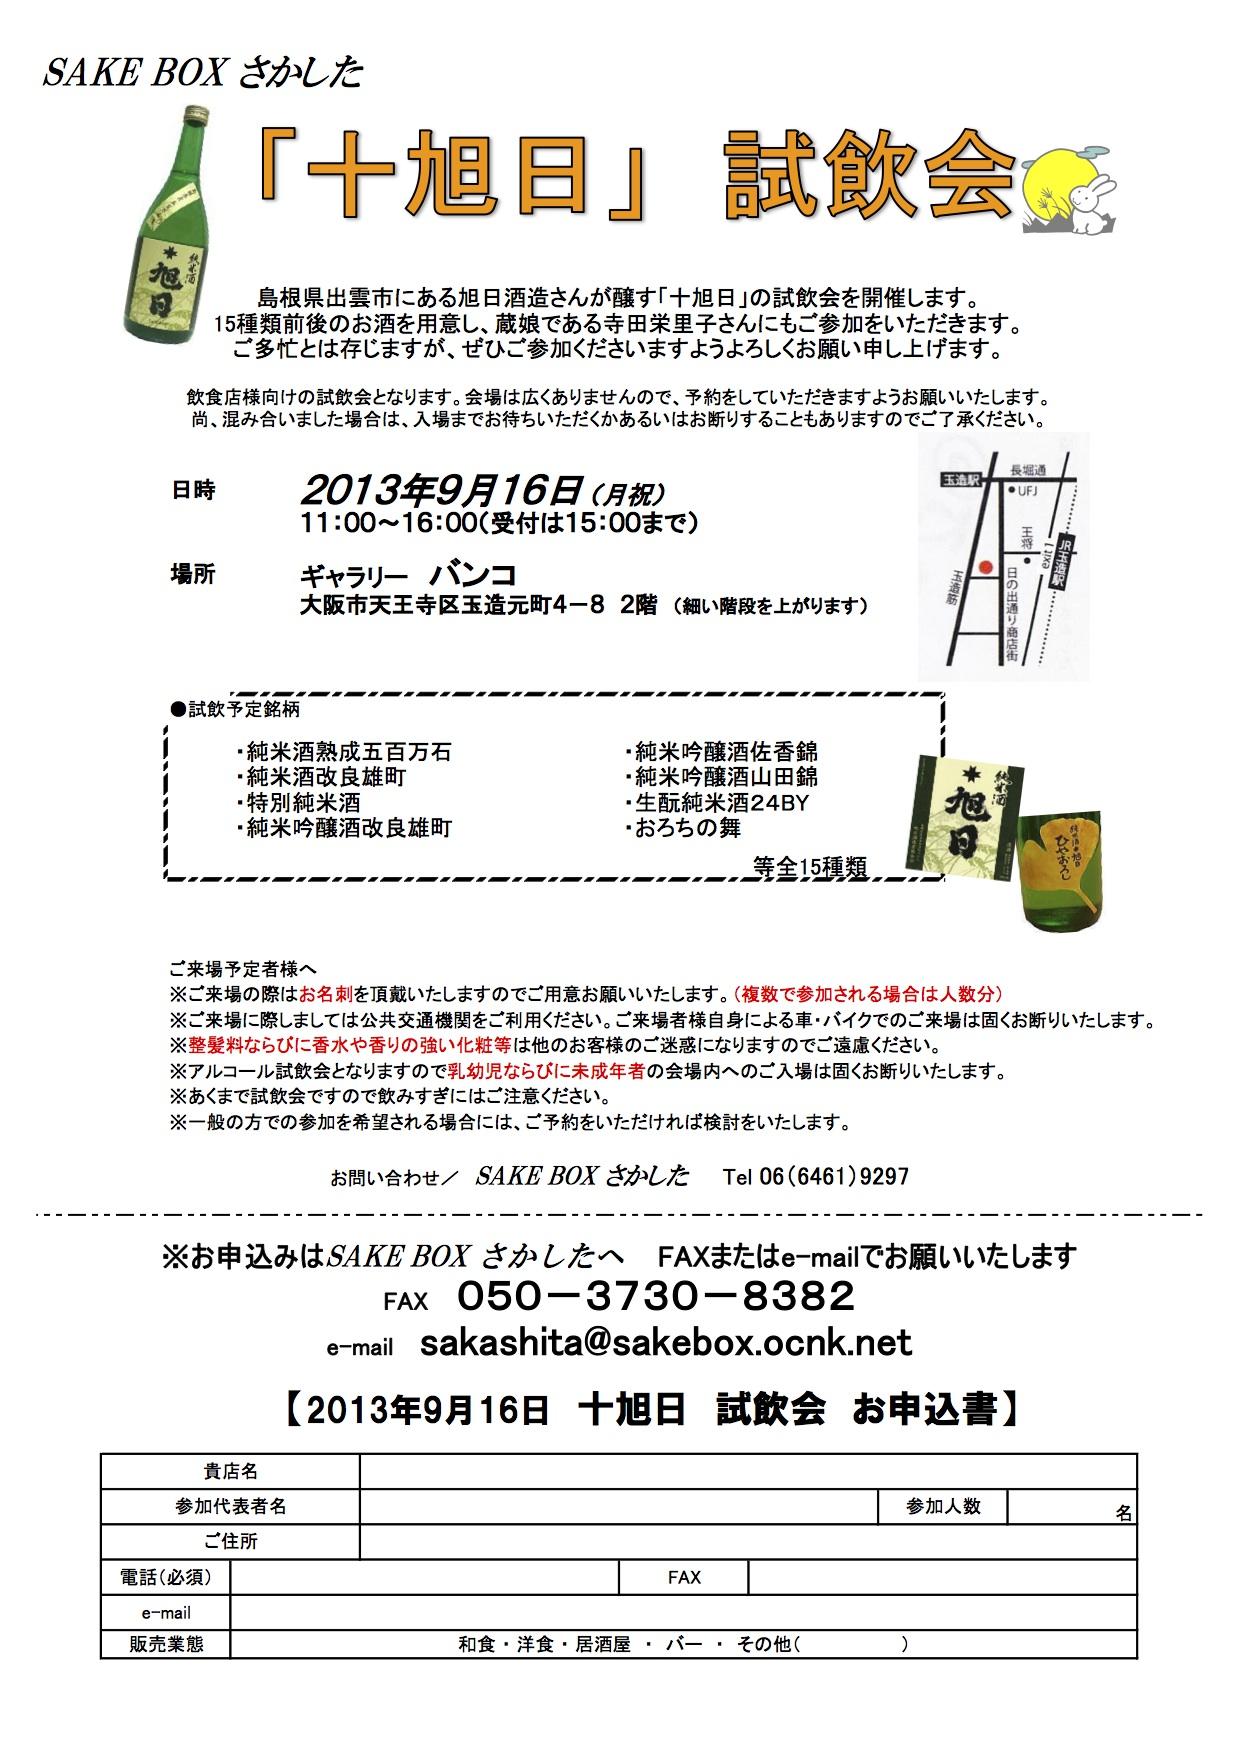 20130916十旭日試飲会-1 のコピー .jpg